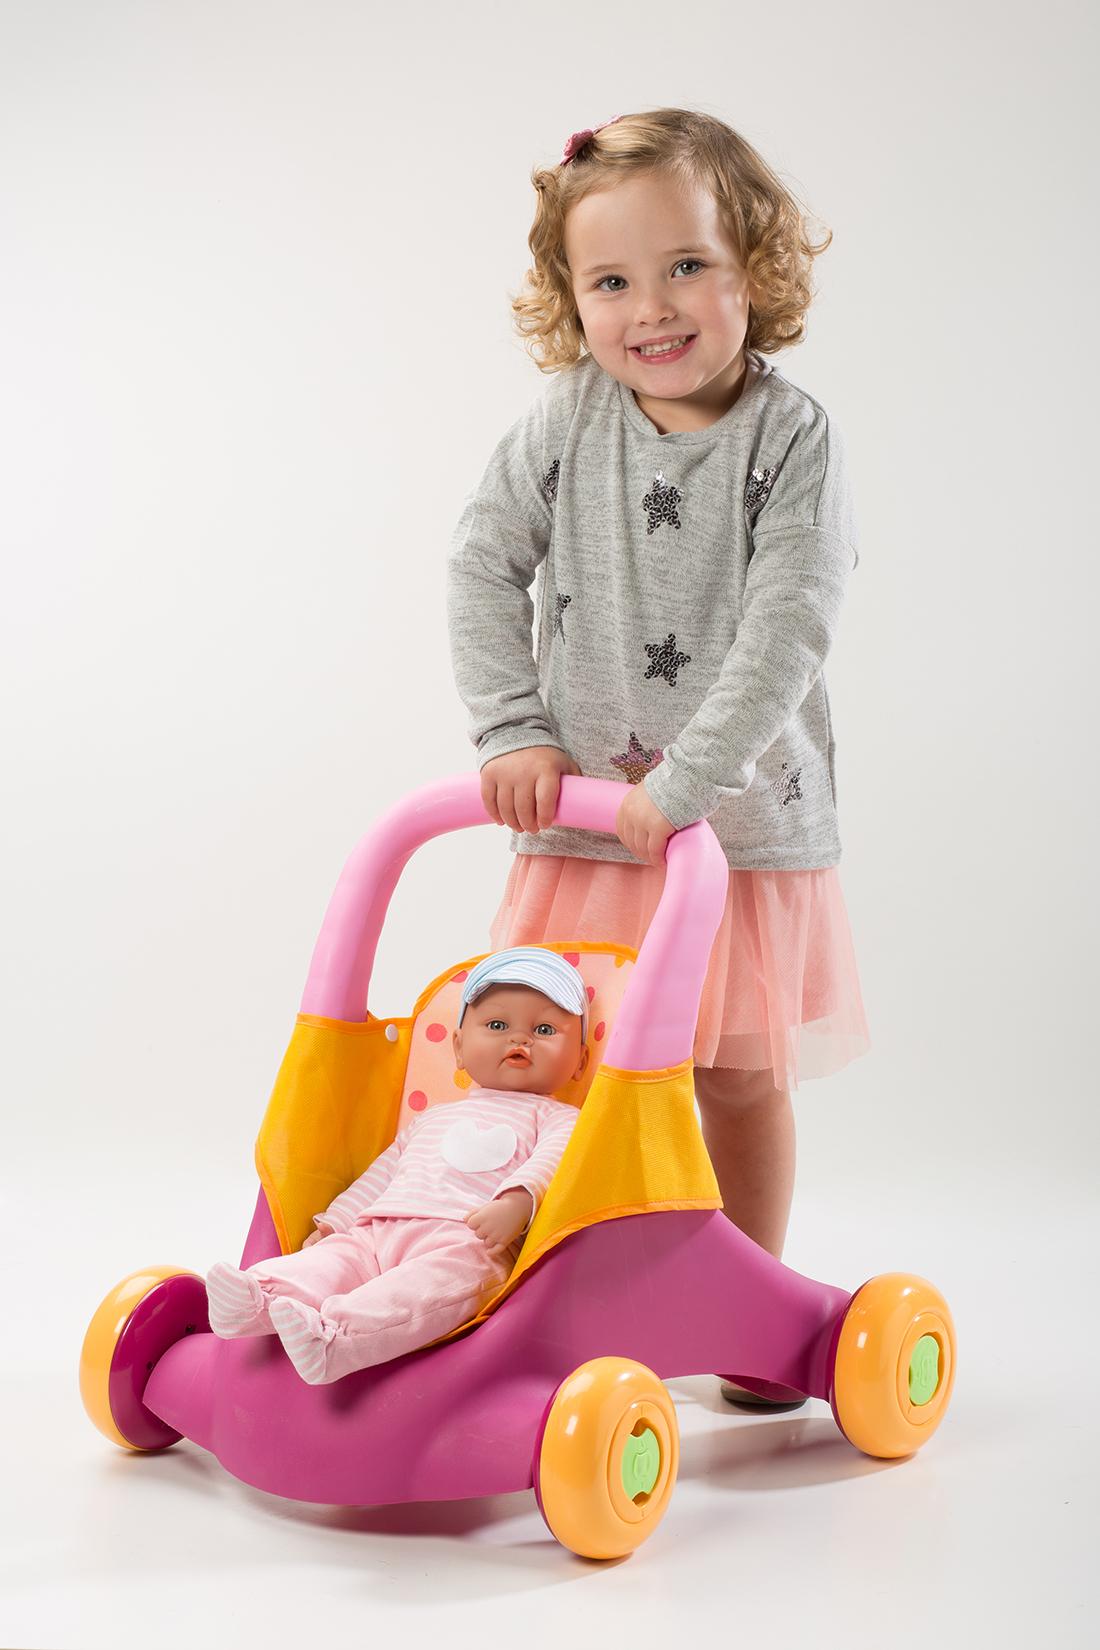 fotografía de producto profesional juguetes para niños